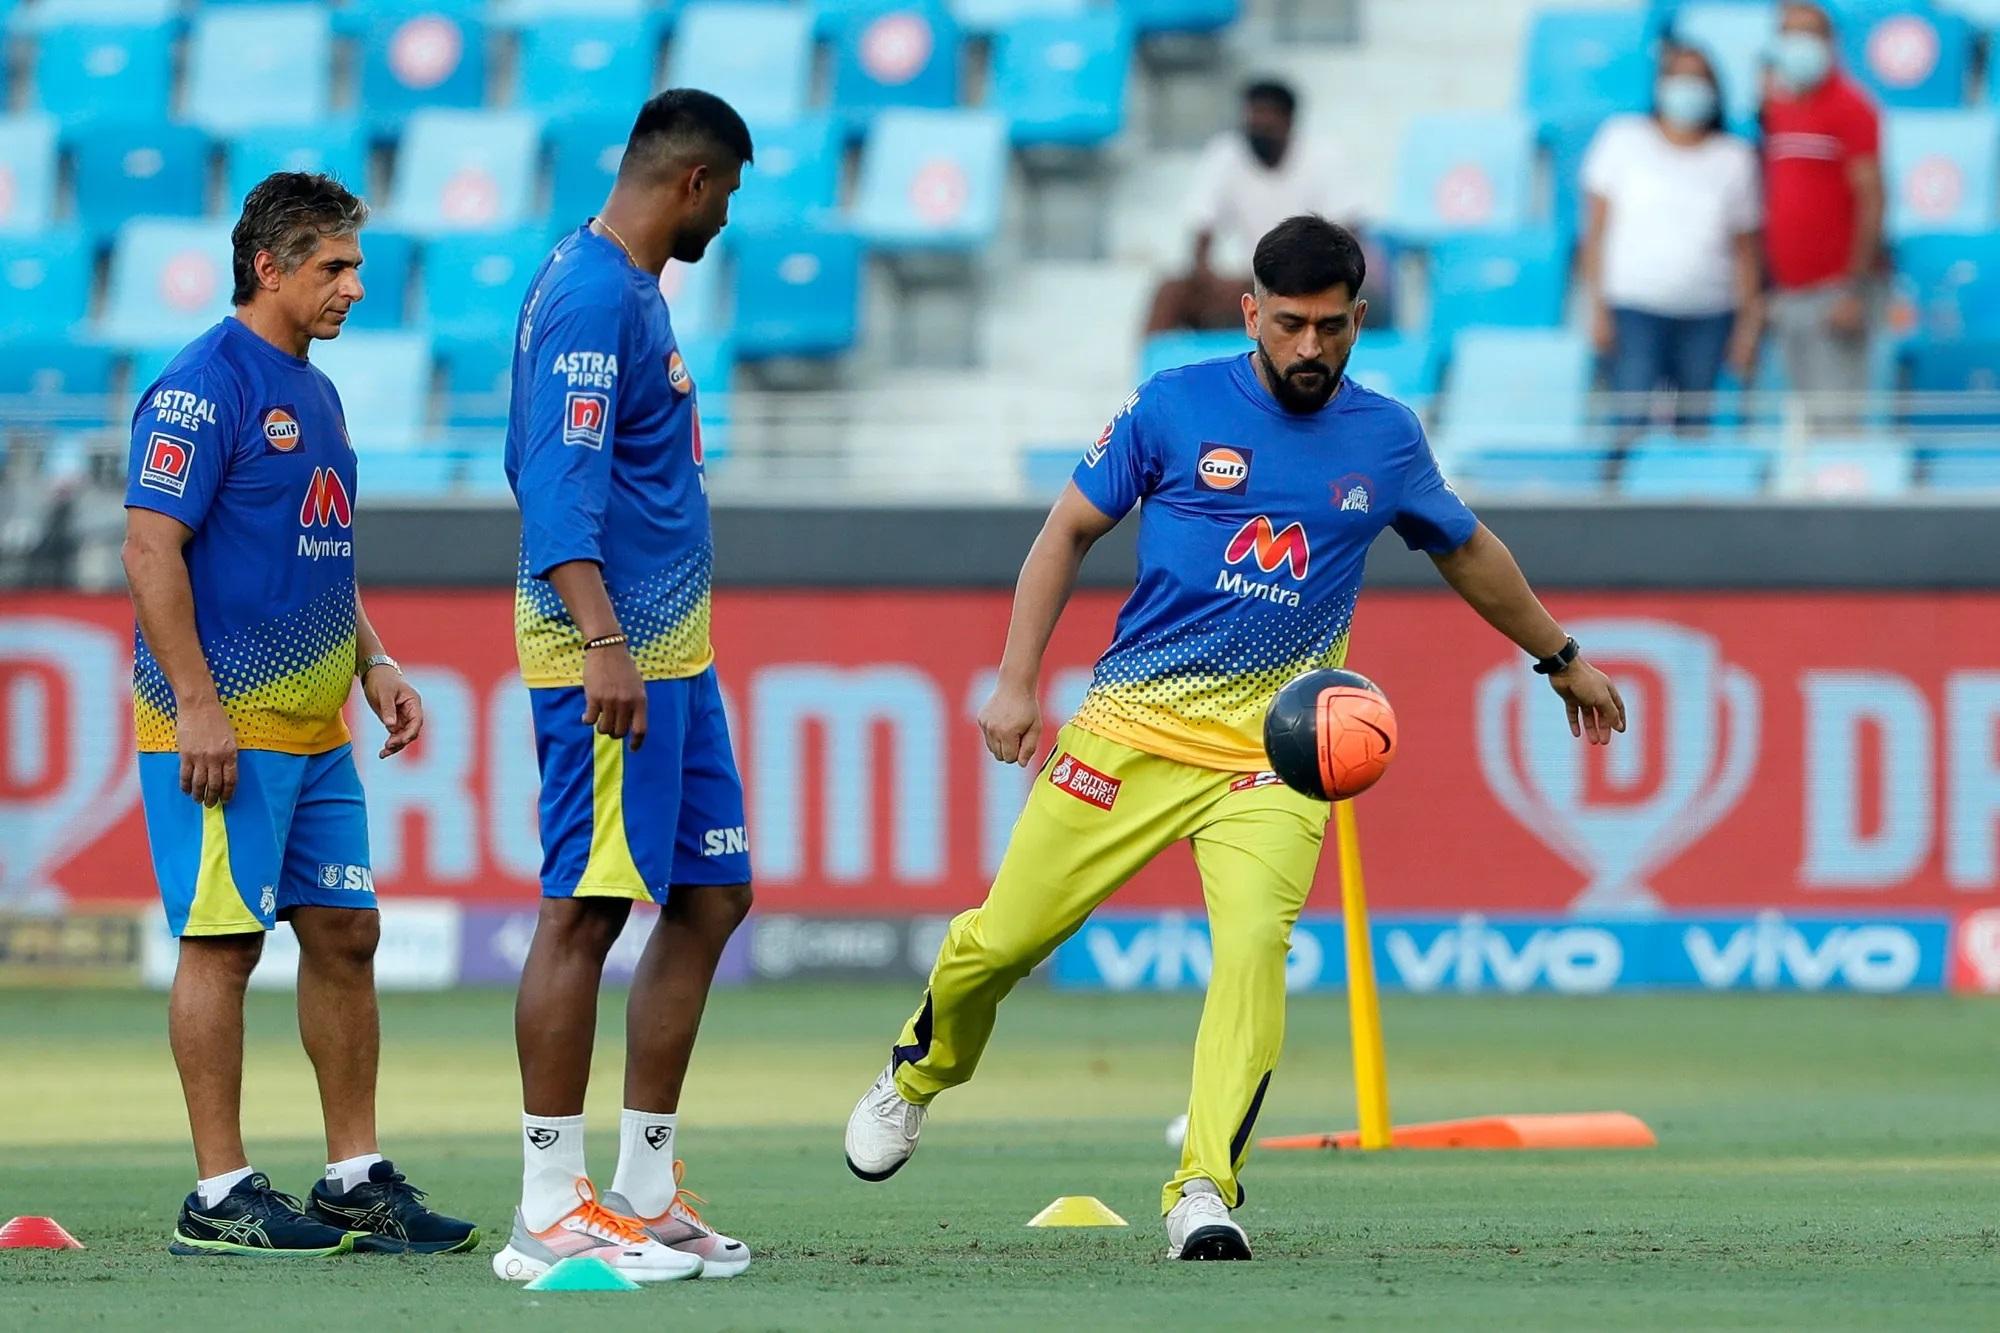 इस जबर्दस्त रोमांचक मैच की शुरुआत हुई महेंद्र सिंह धोनी के फुटबॉल खेलने से। ये उनके प्रैक्टिस का जुदा अंदाज है। लोग मैच से पहले बैटिंग, बॉलिंग औैर कैच प्रैक्टिस का अभ्यास करते हैं, लेकिन धोनी मैच से पहले उसी मैदान में फुटबॉल खेलते हैं।